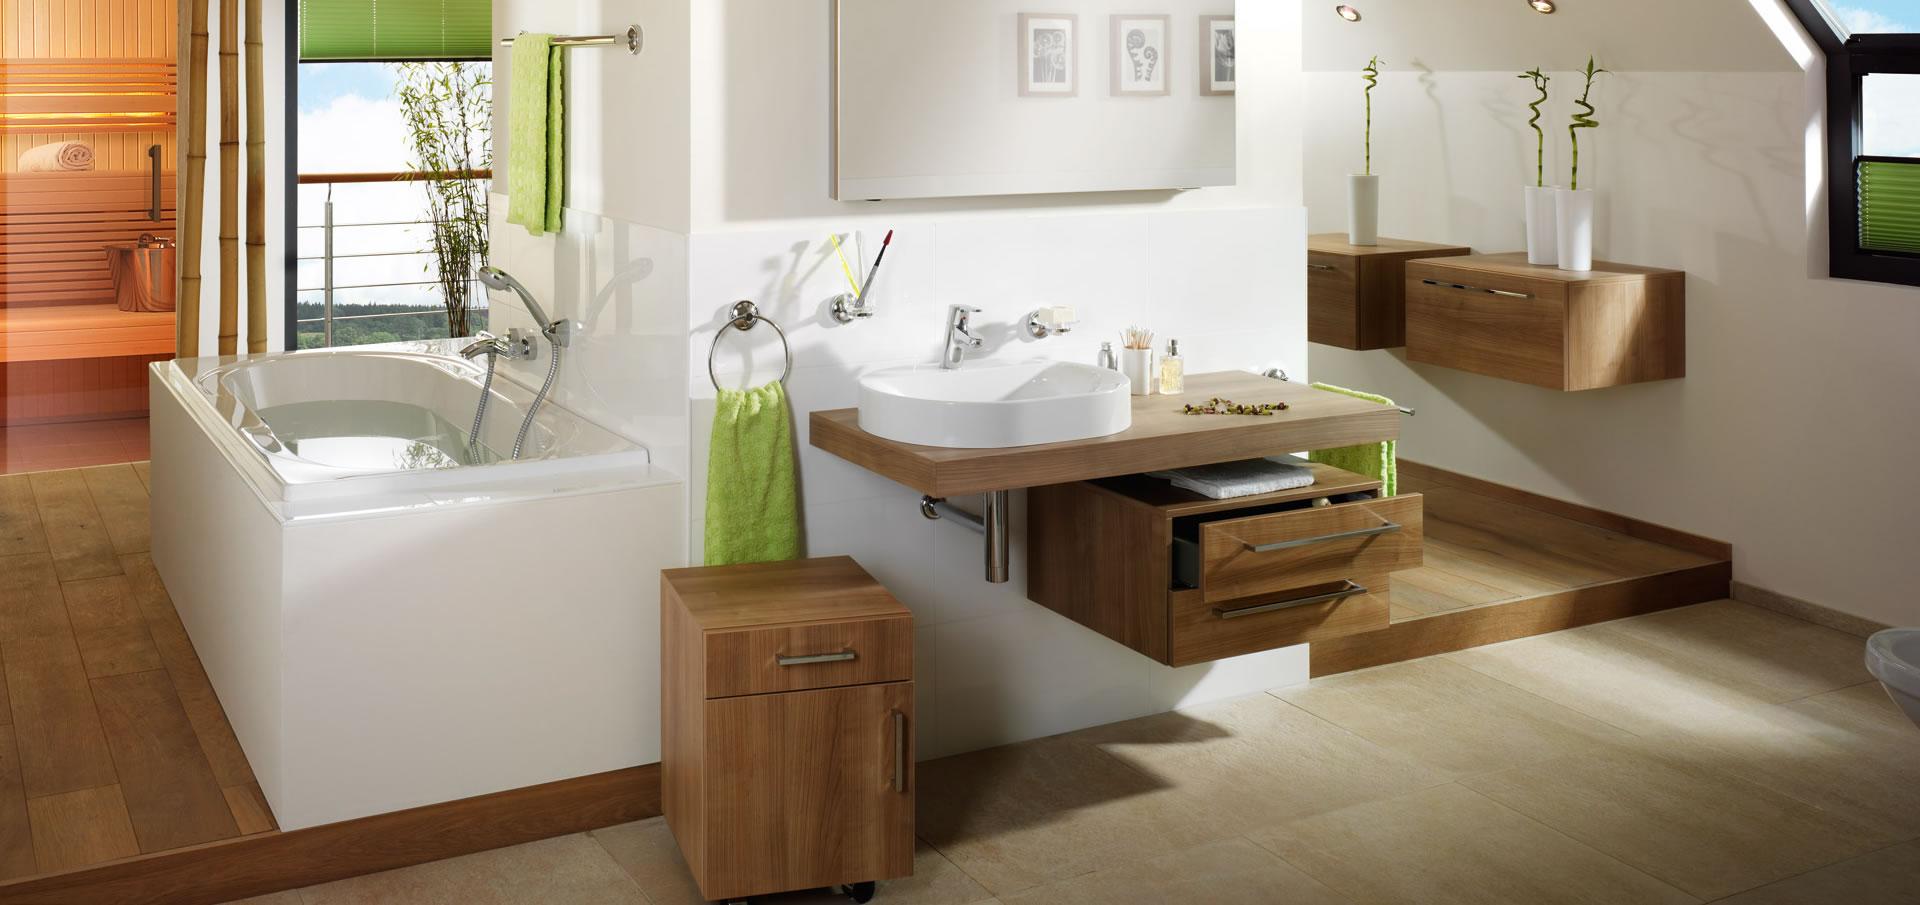 Sanitär-Bad-Badgestaltung - Heizung-Sanitär Johannes Dede